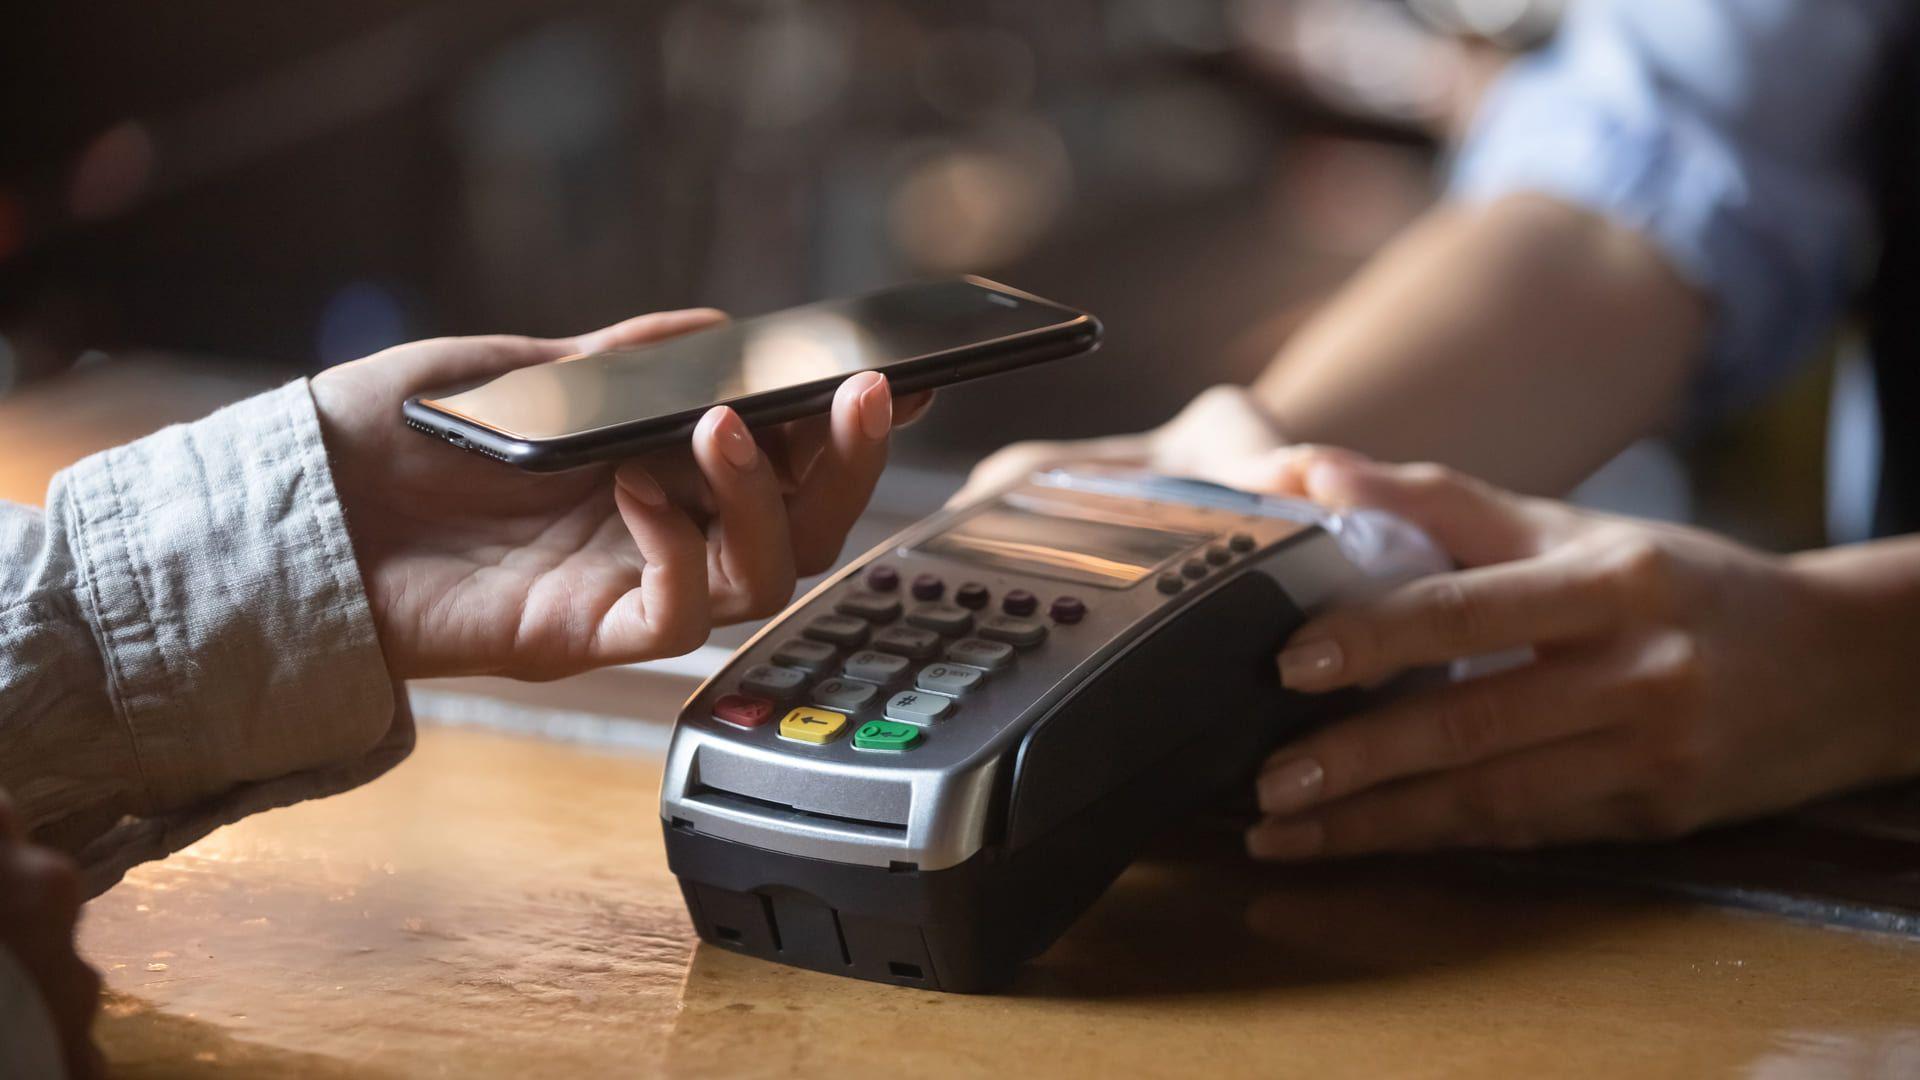 Veja quais são os melhores celulares com NFC para comprar no Brasil. (Foto: Shutterstock)